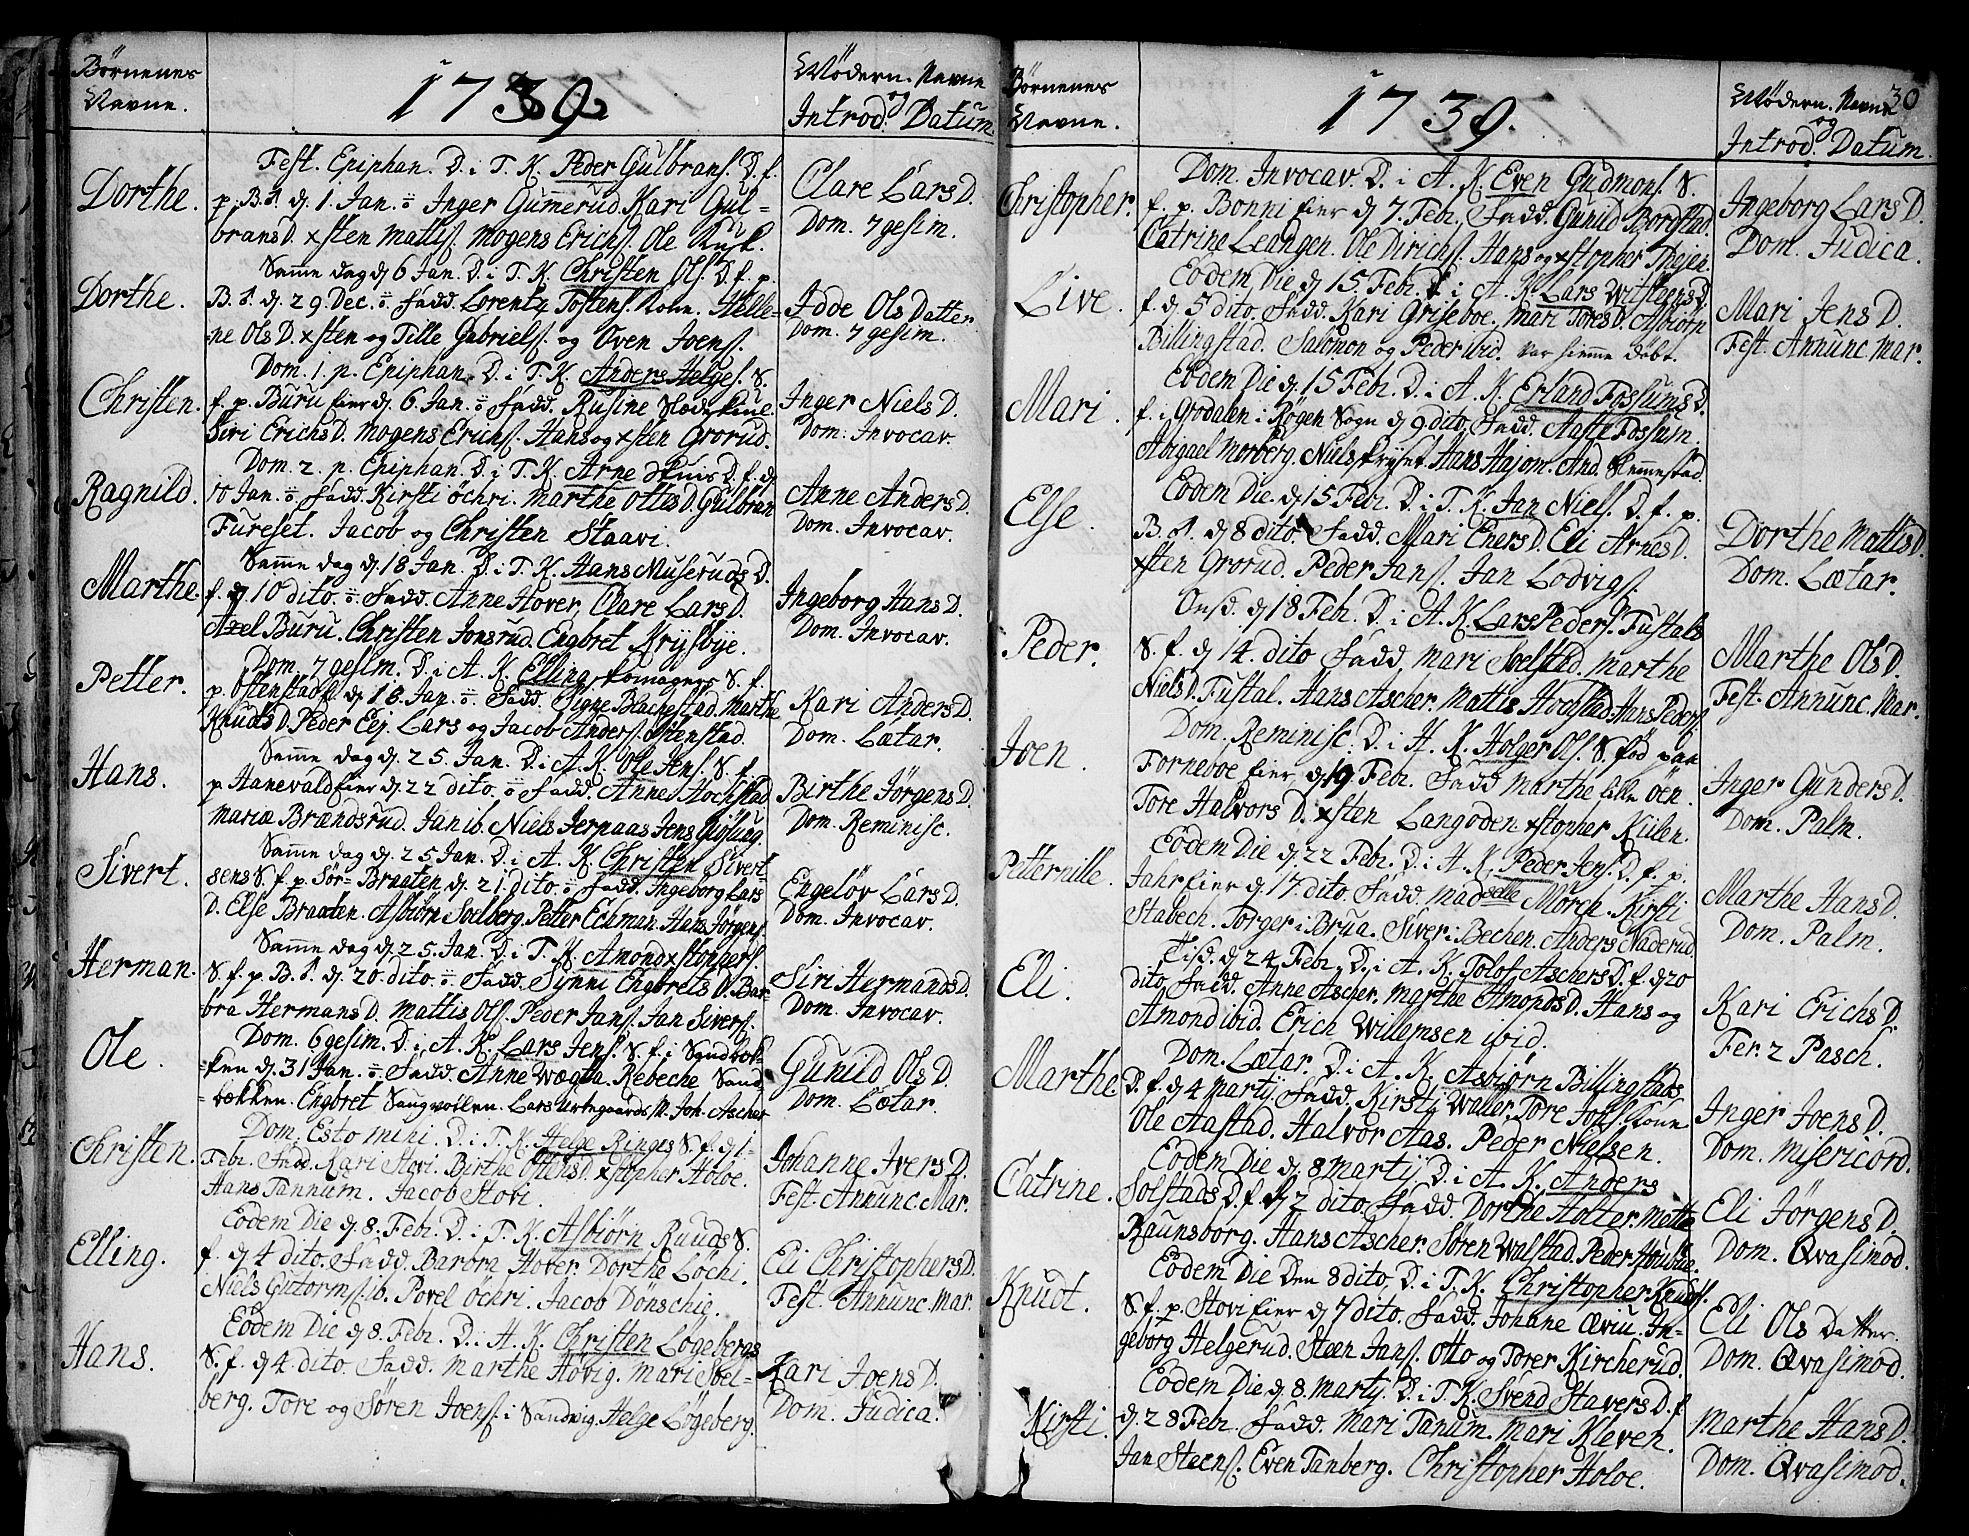 SAO, Asker prestekontor Kirkebøker, F/Fa/L0002: Ministerialbok nr. I 2, 1733-1766, s. 30